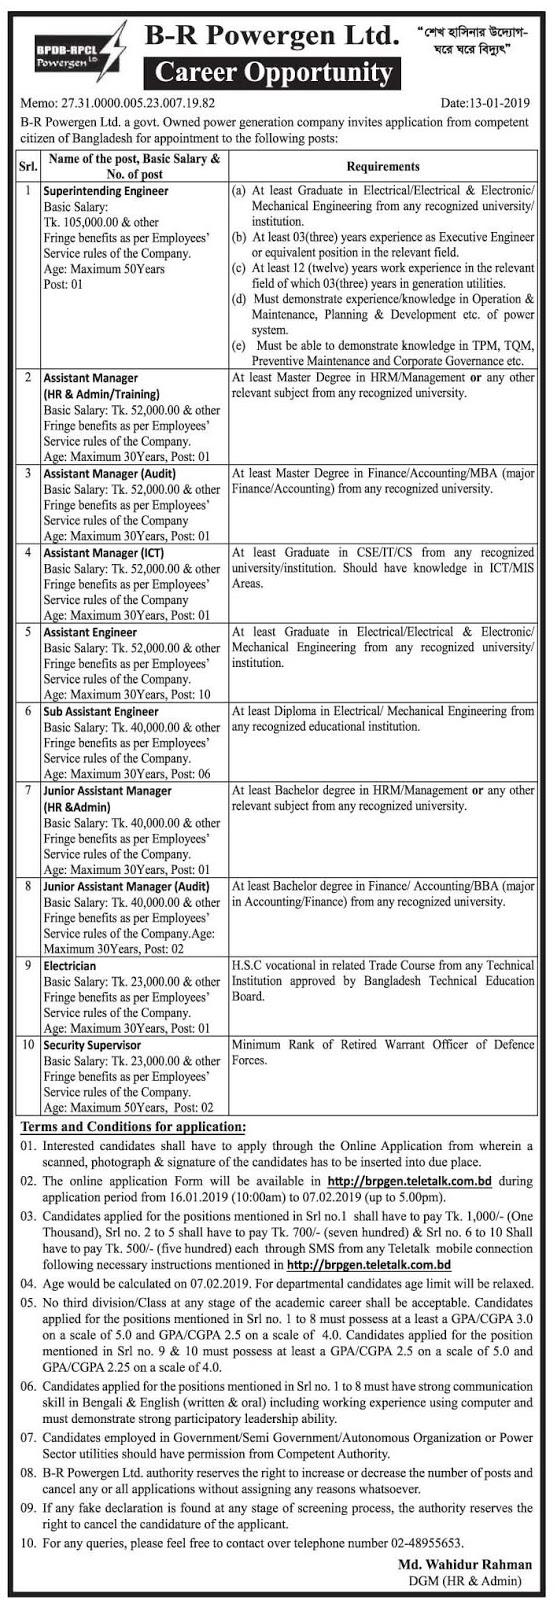 B-R Powergen Ltd. Job Circular 2019